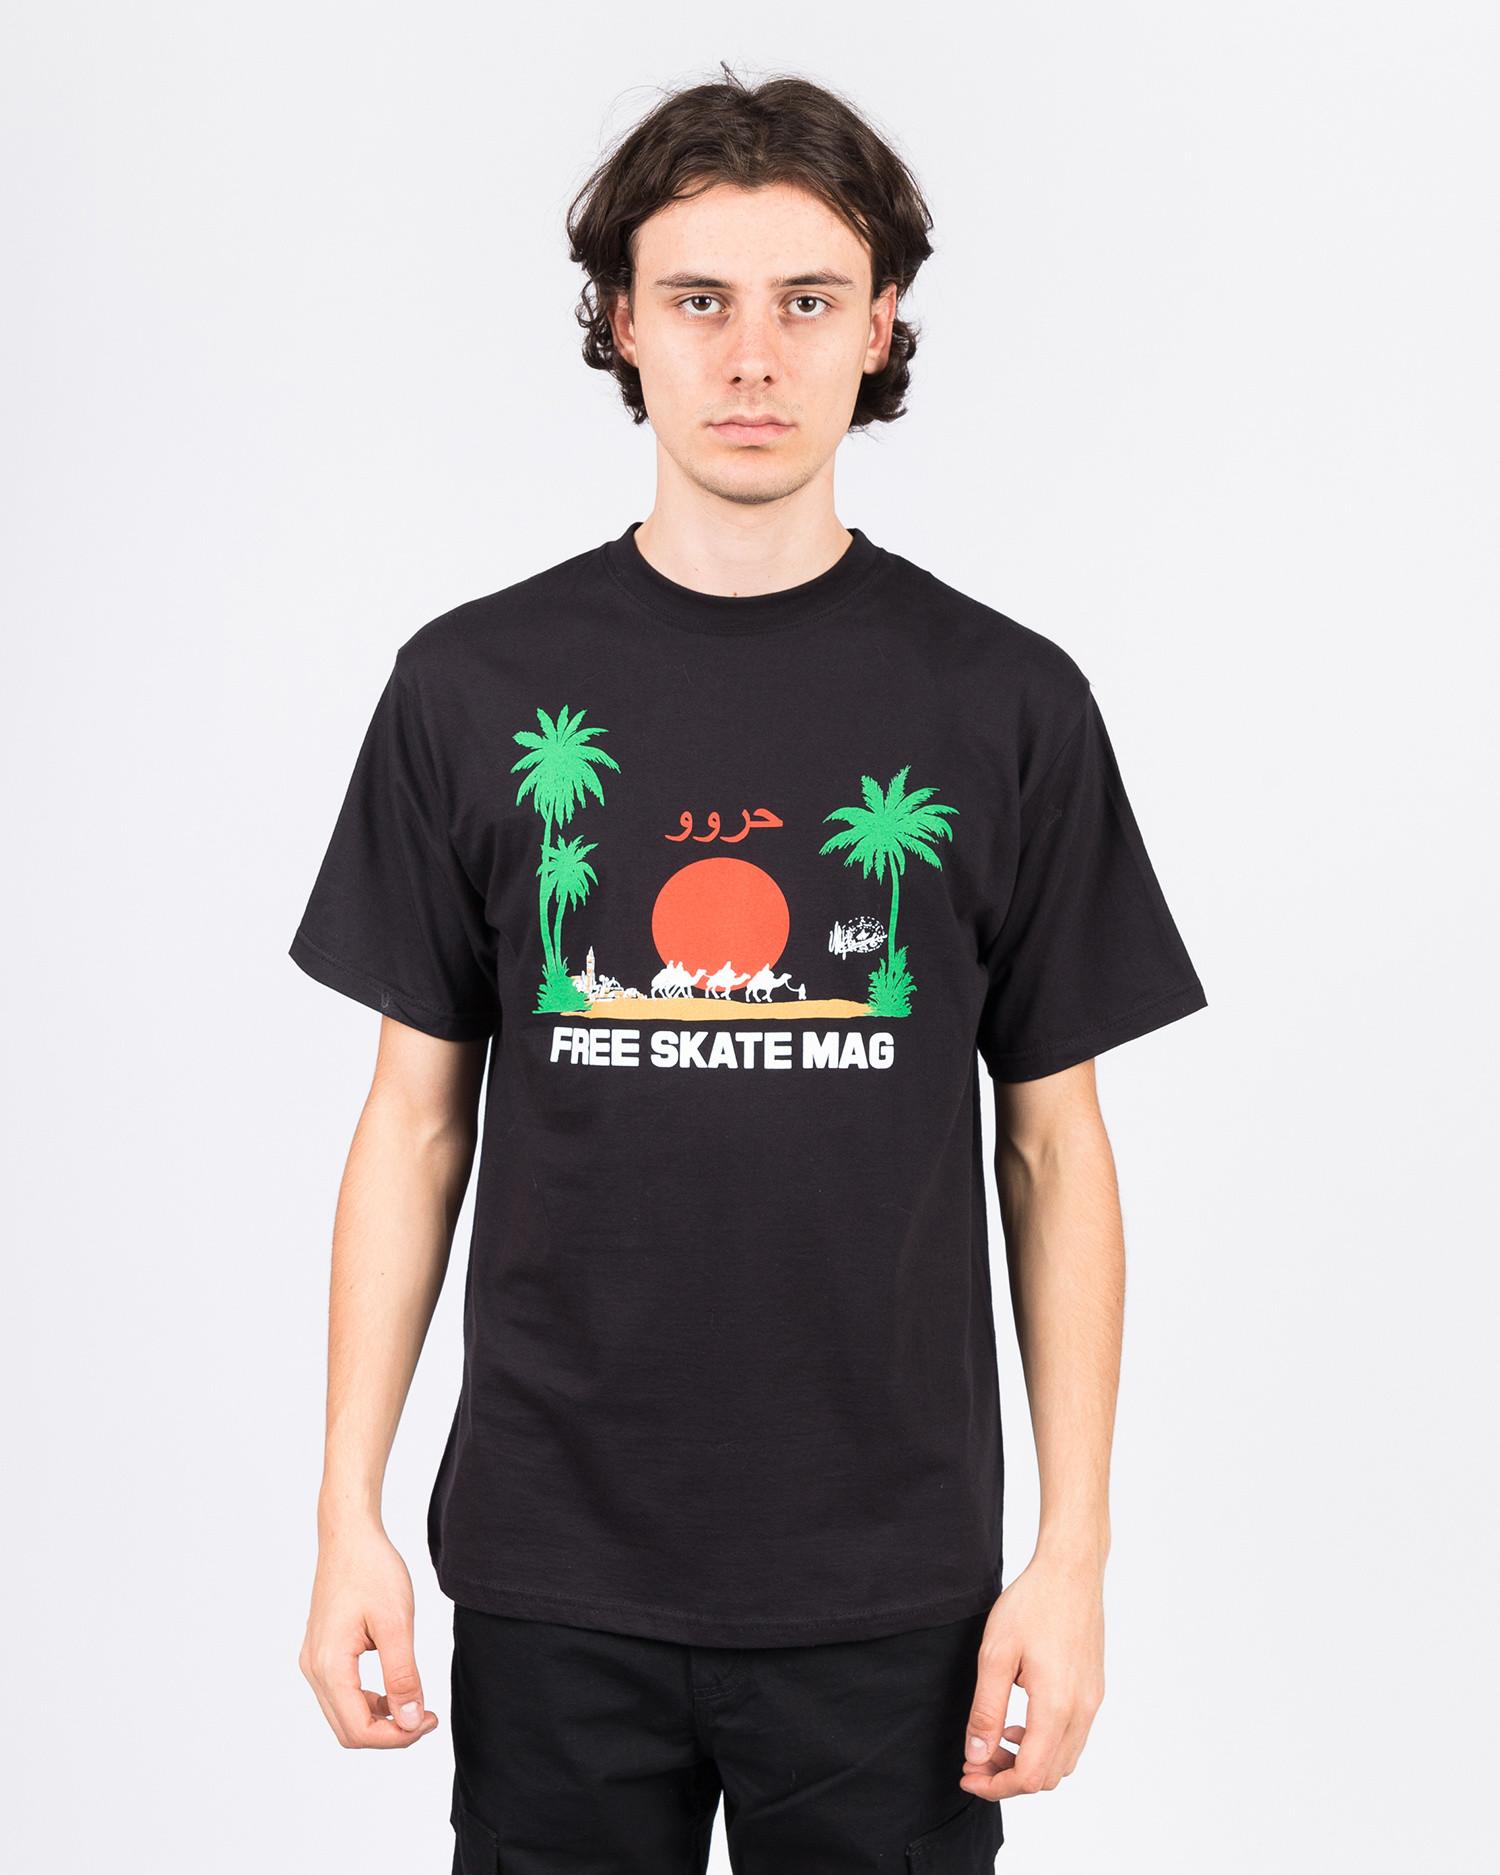 Free Skate Mag OG Marrakesh T-Shirt Black